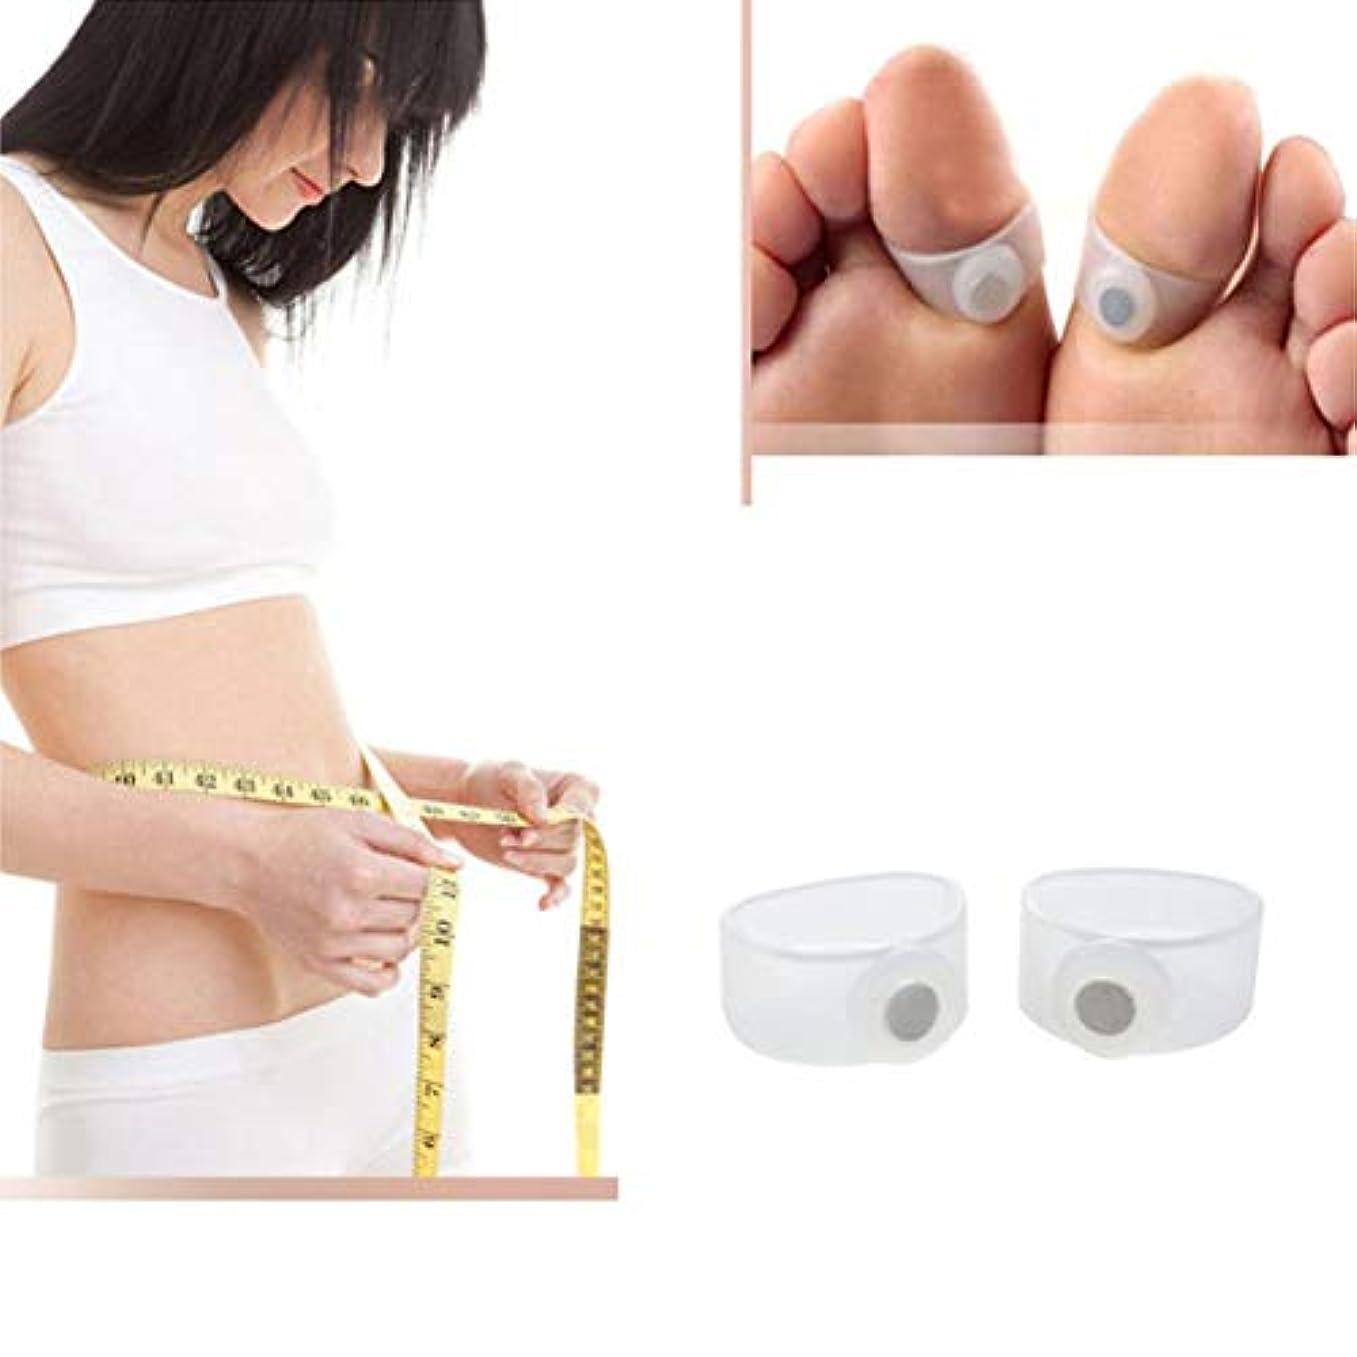 暴露無一文キノコ痩身シリコン磁気フットマッサージャーマッサージリラックスつま先リング減量健康ツール美容製品